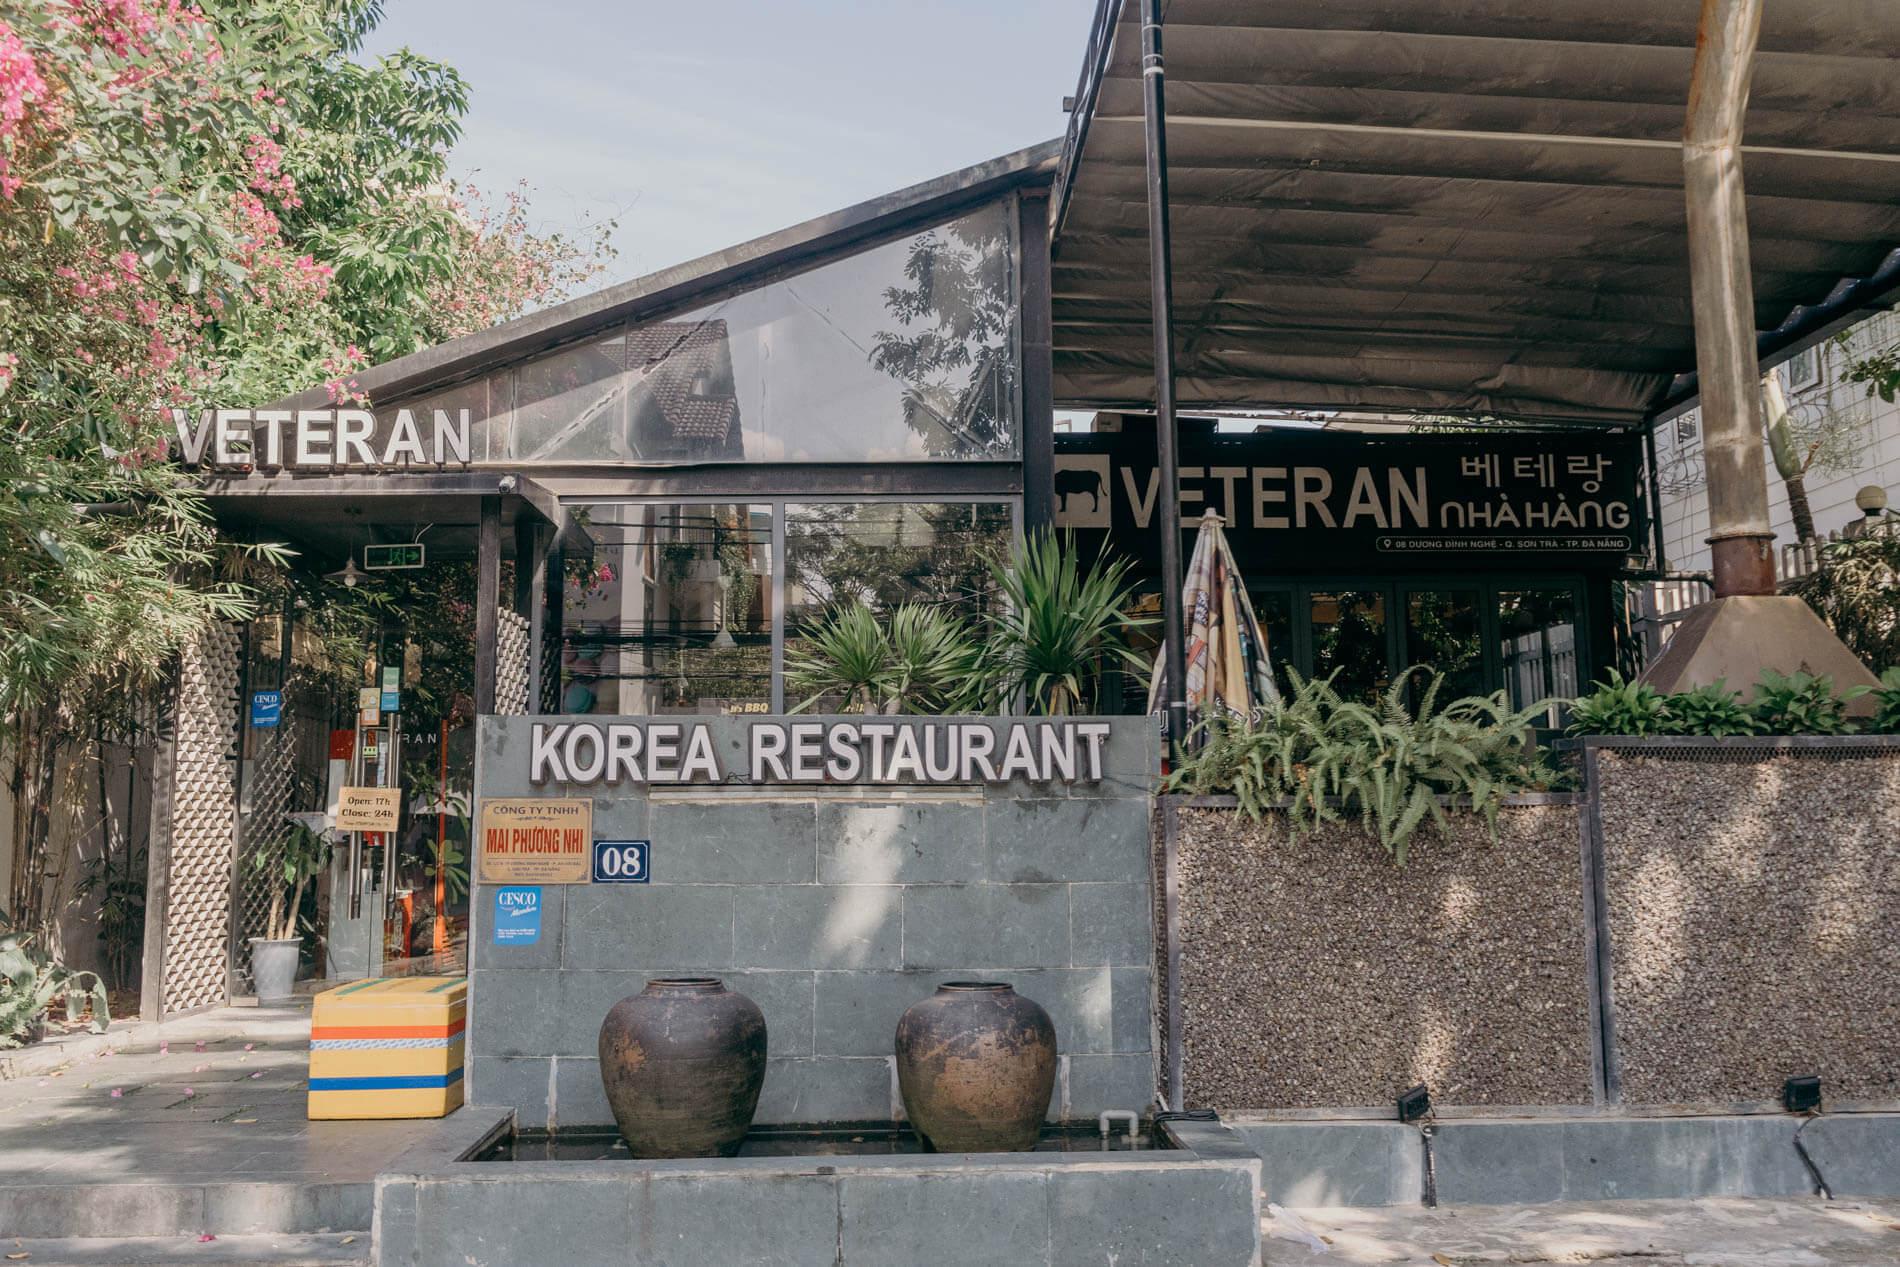 Entrance to one of the best restaurants in Da Nang, Veteran Restaurant